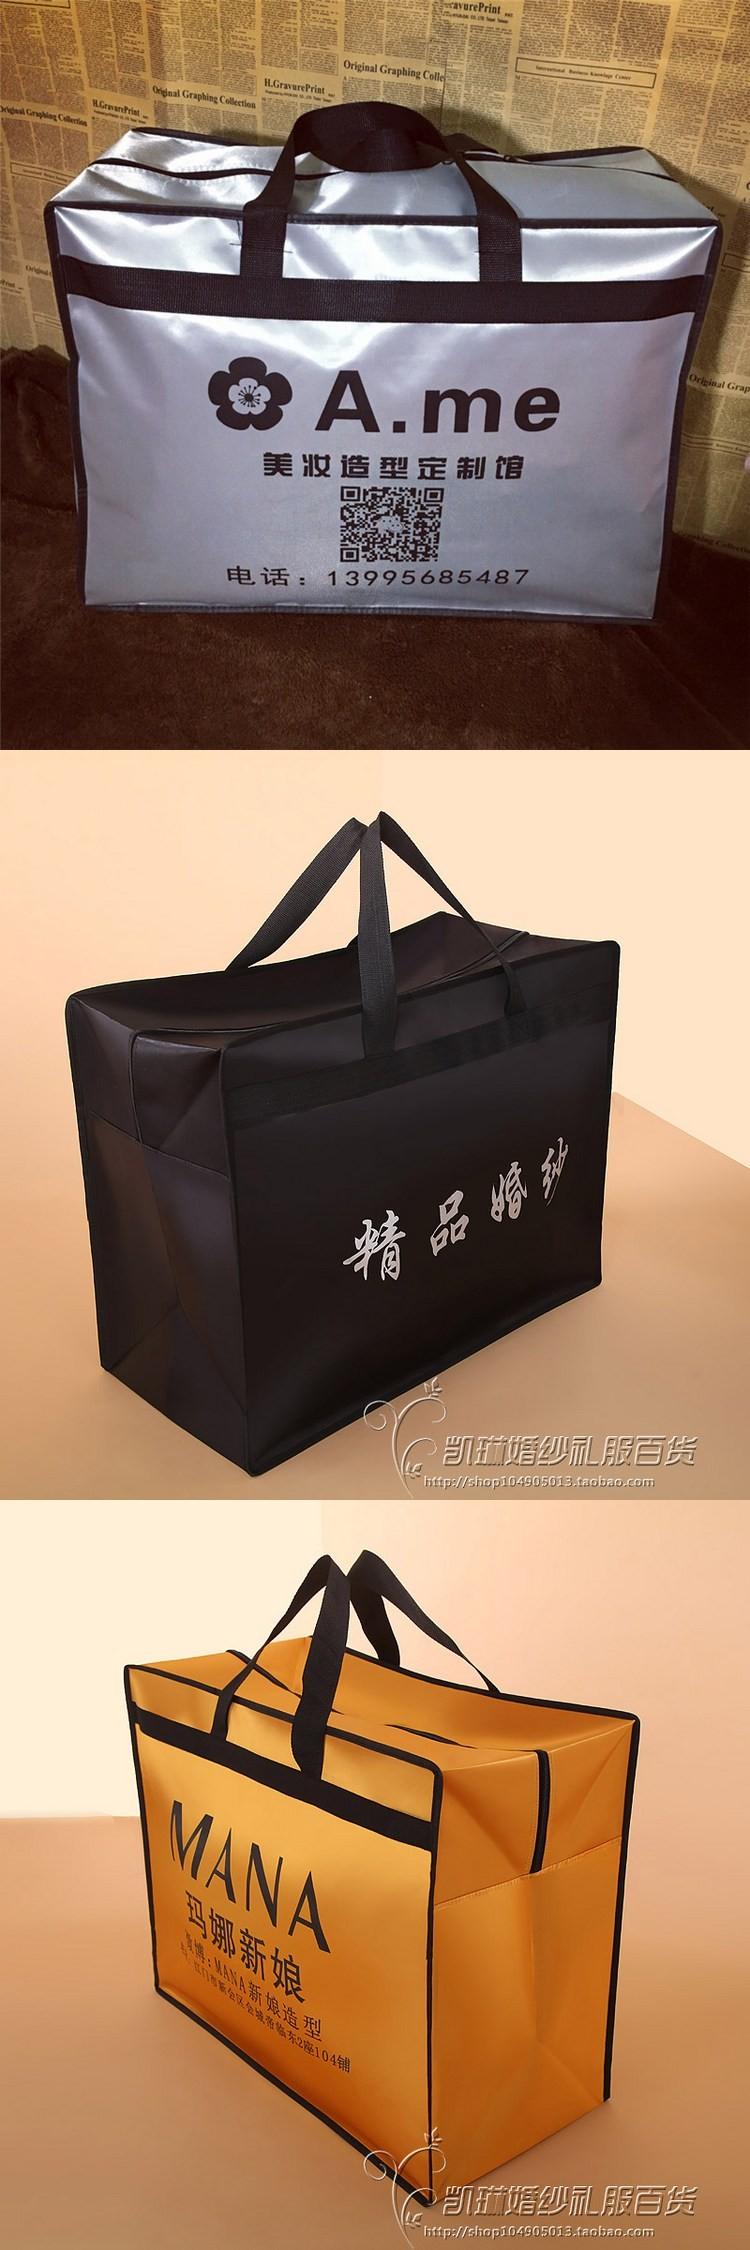 中國代購|中國批發-ibuy99|防水防尘罩 婚纱箱子 防水加大防尘袋礼服包装袋子婚纱袋子促销T